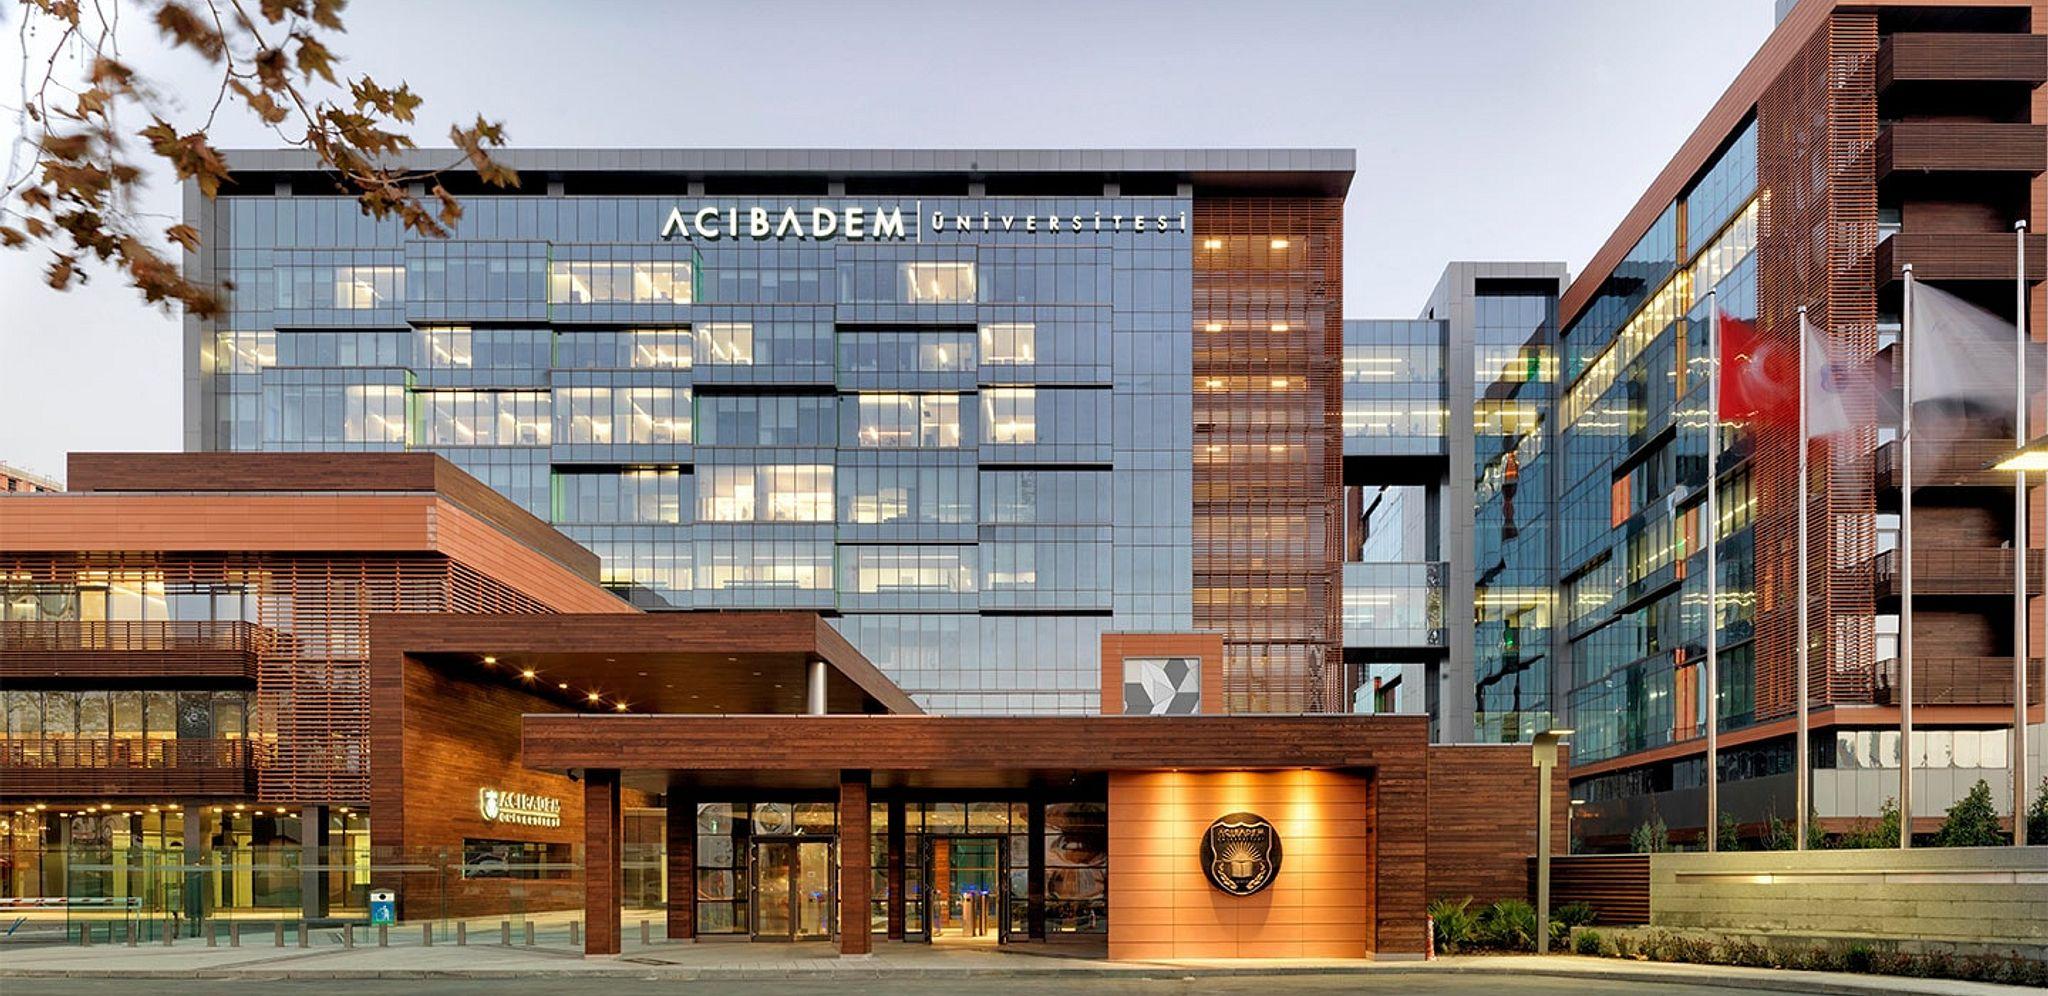 Acibadem University Large Header Image3